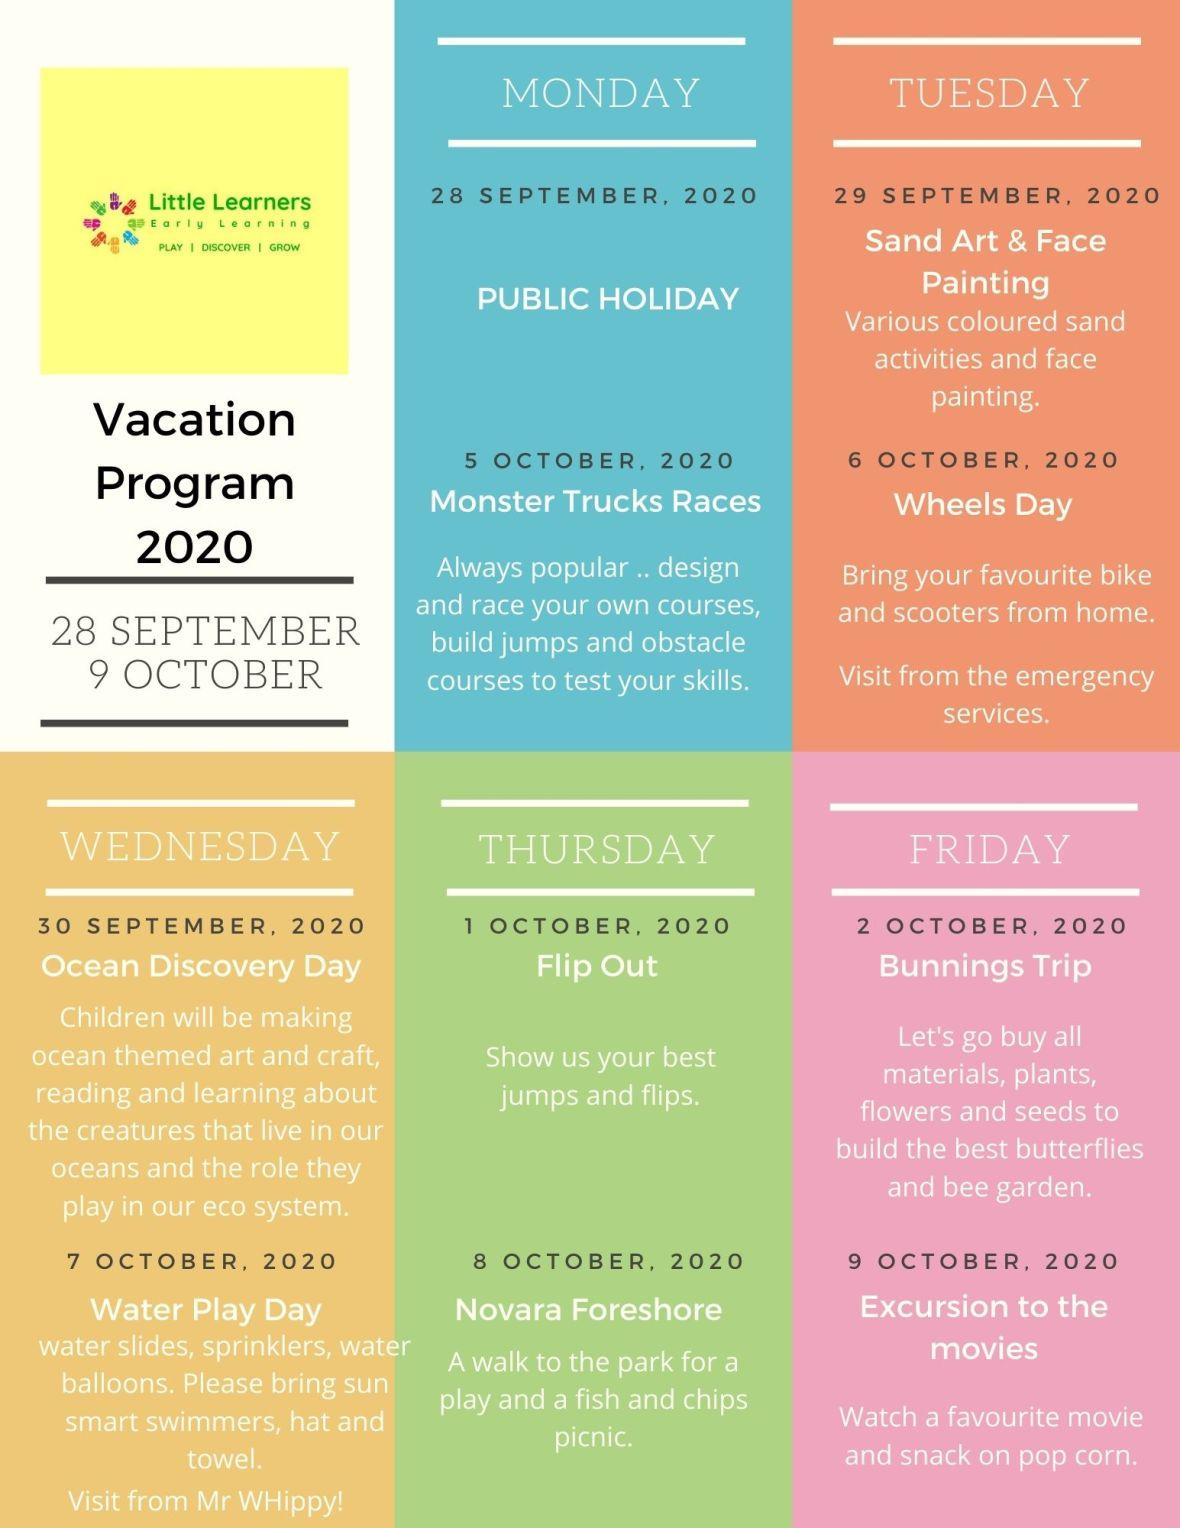 September Vacation Program 2020